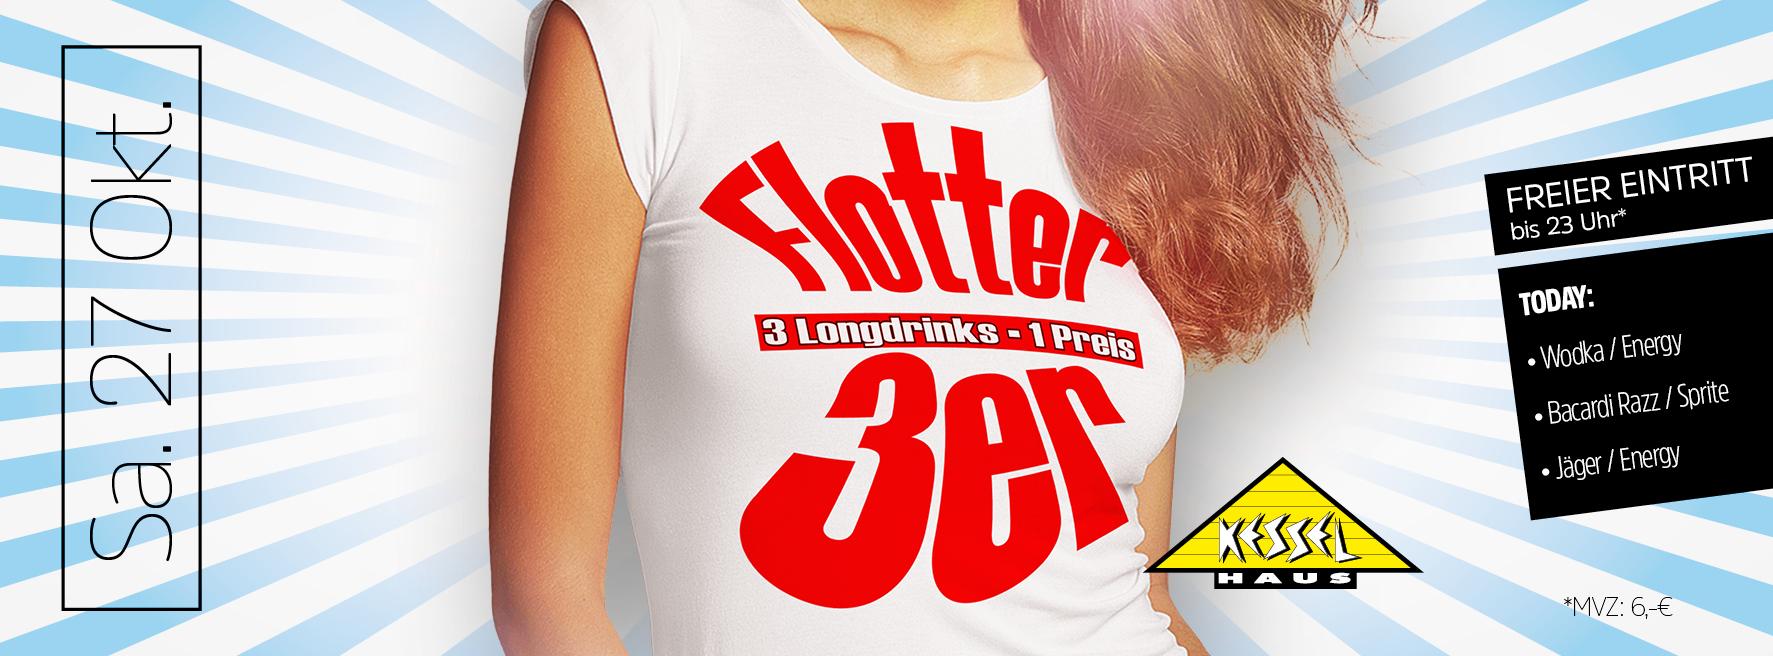 FB_Teaser_Flotter3er_Okt18